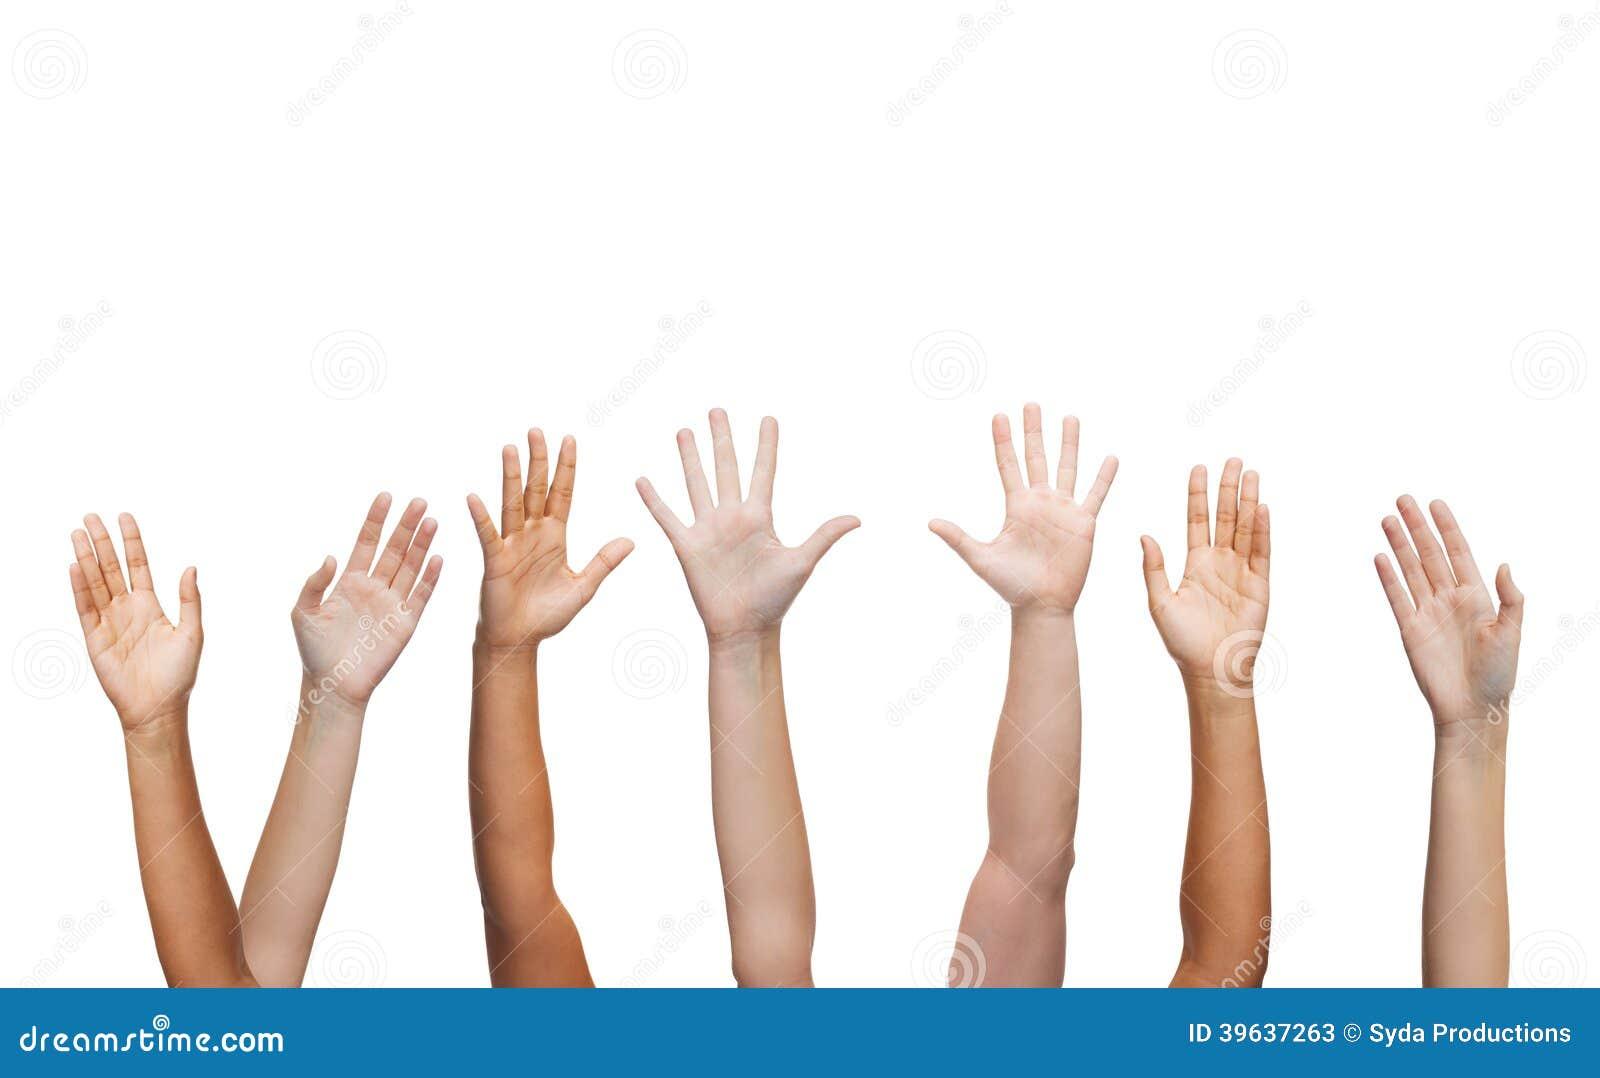 Human hands waving hands stock image. Image of gesture ...